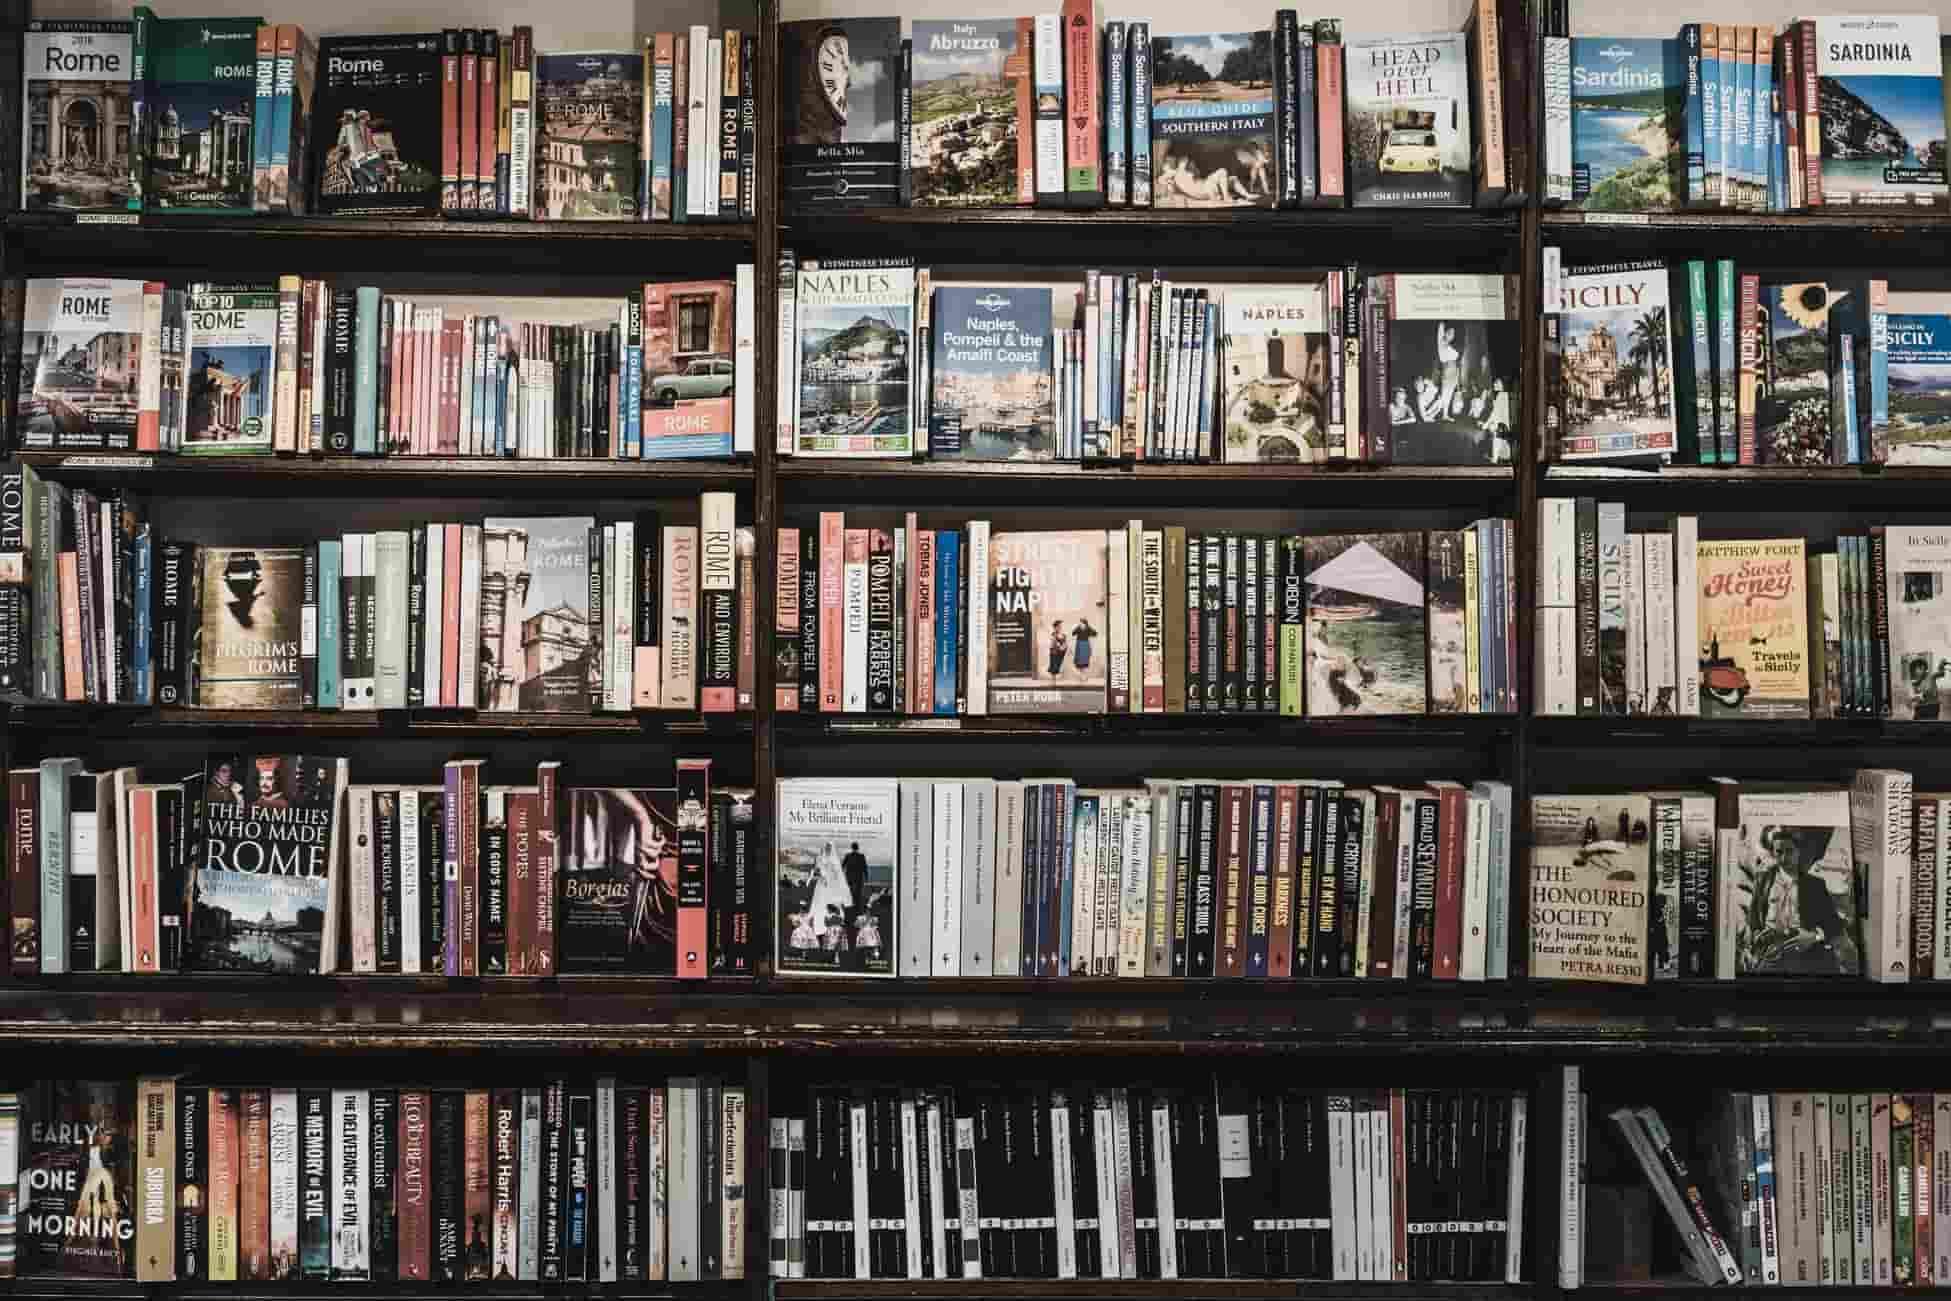 Libri thriller - gialli - romanzi polizieschi - blog Biondino della Spider Rossa - ProsMedia - Agenzia Corte&Media